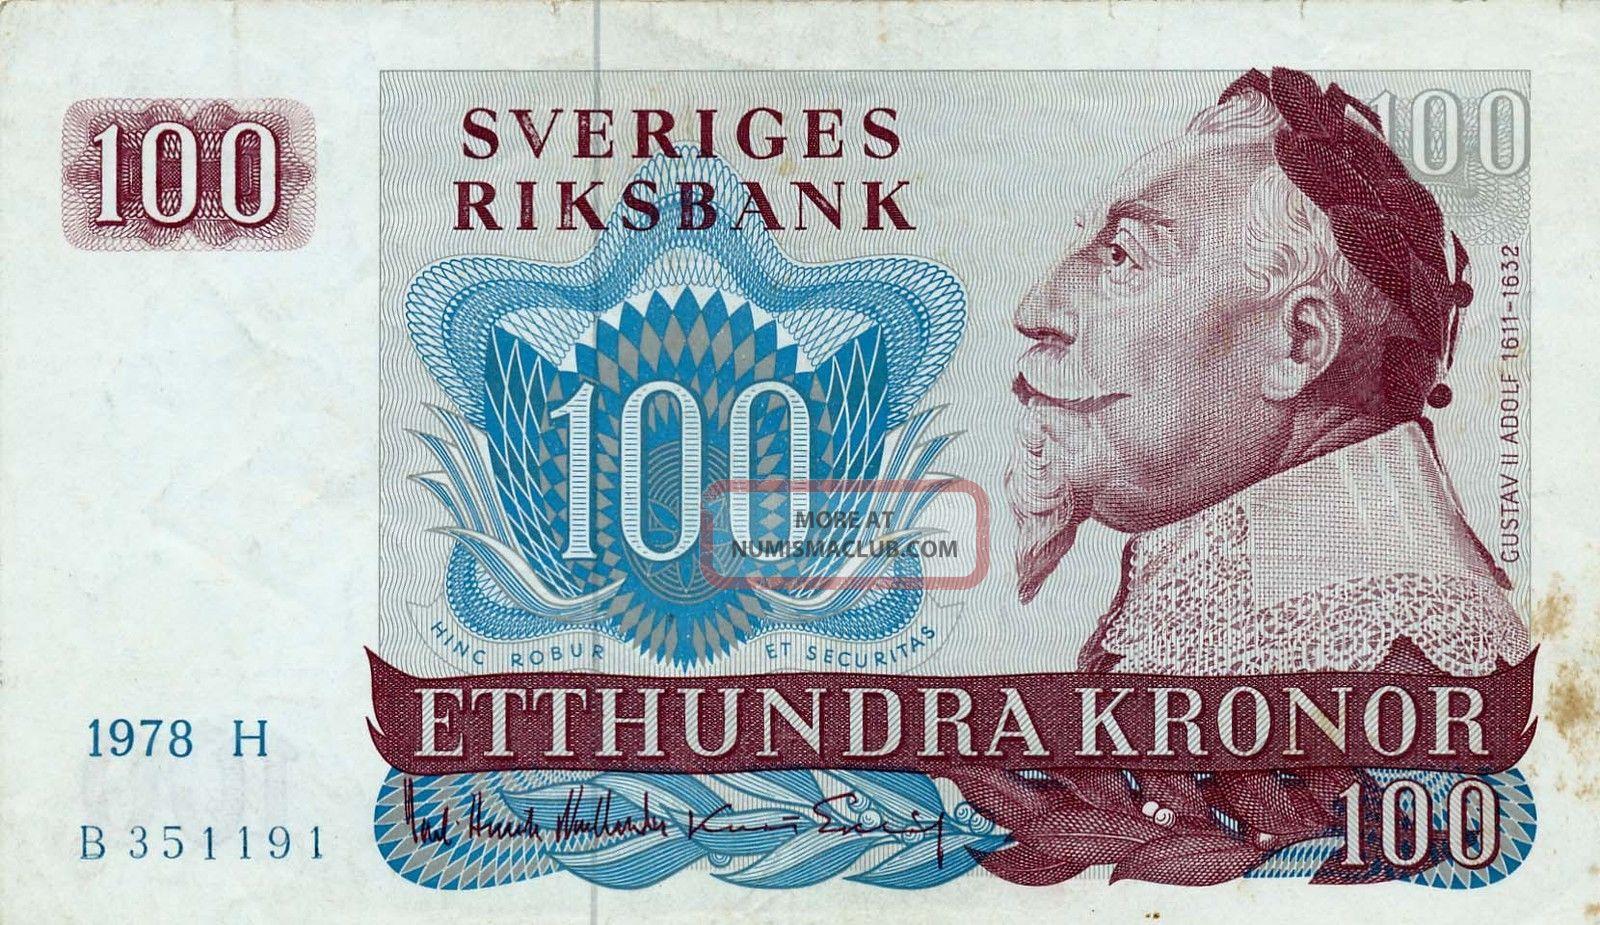 Sveriges Riksbank Sweden 100 Kronor 1978 Ef Europe photo